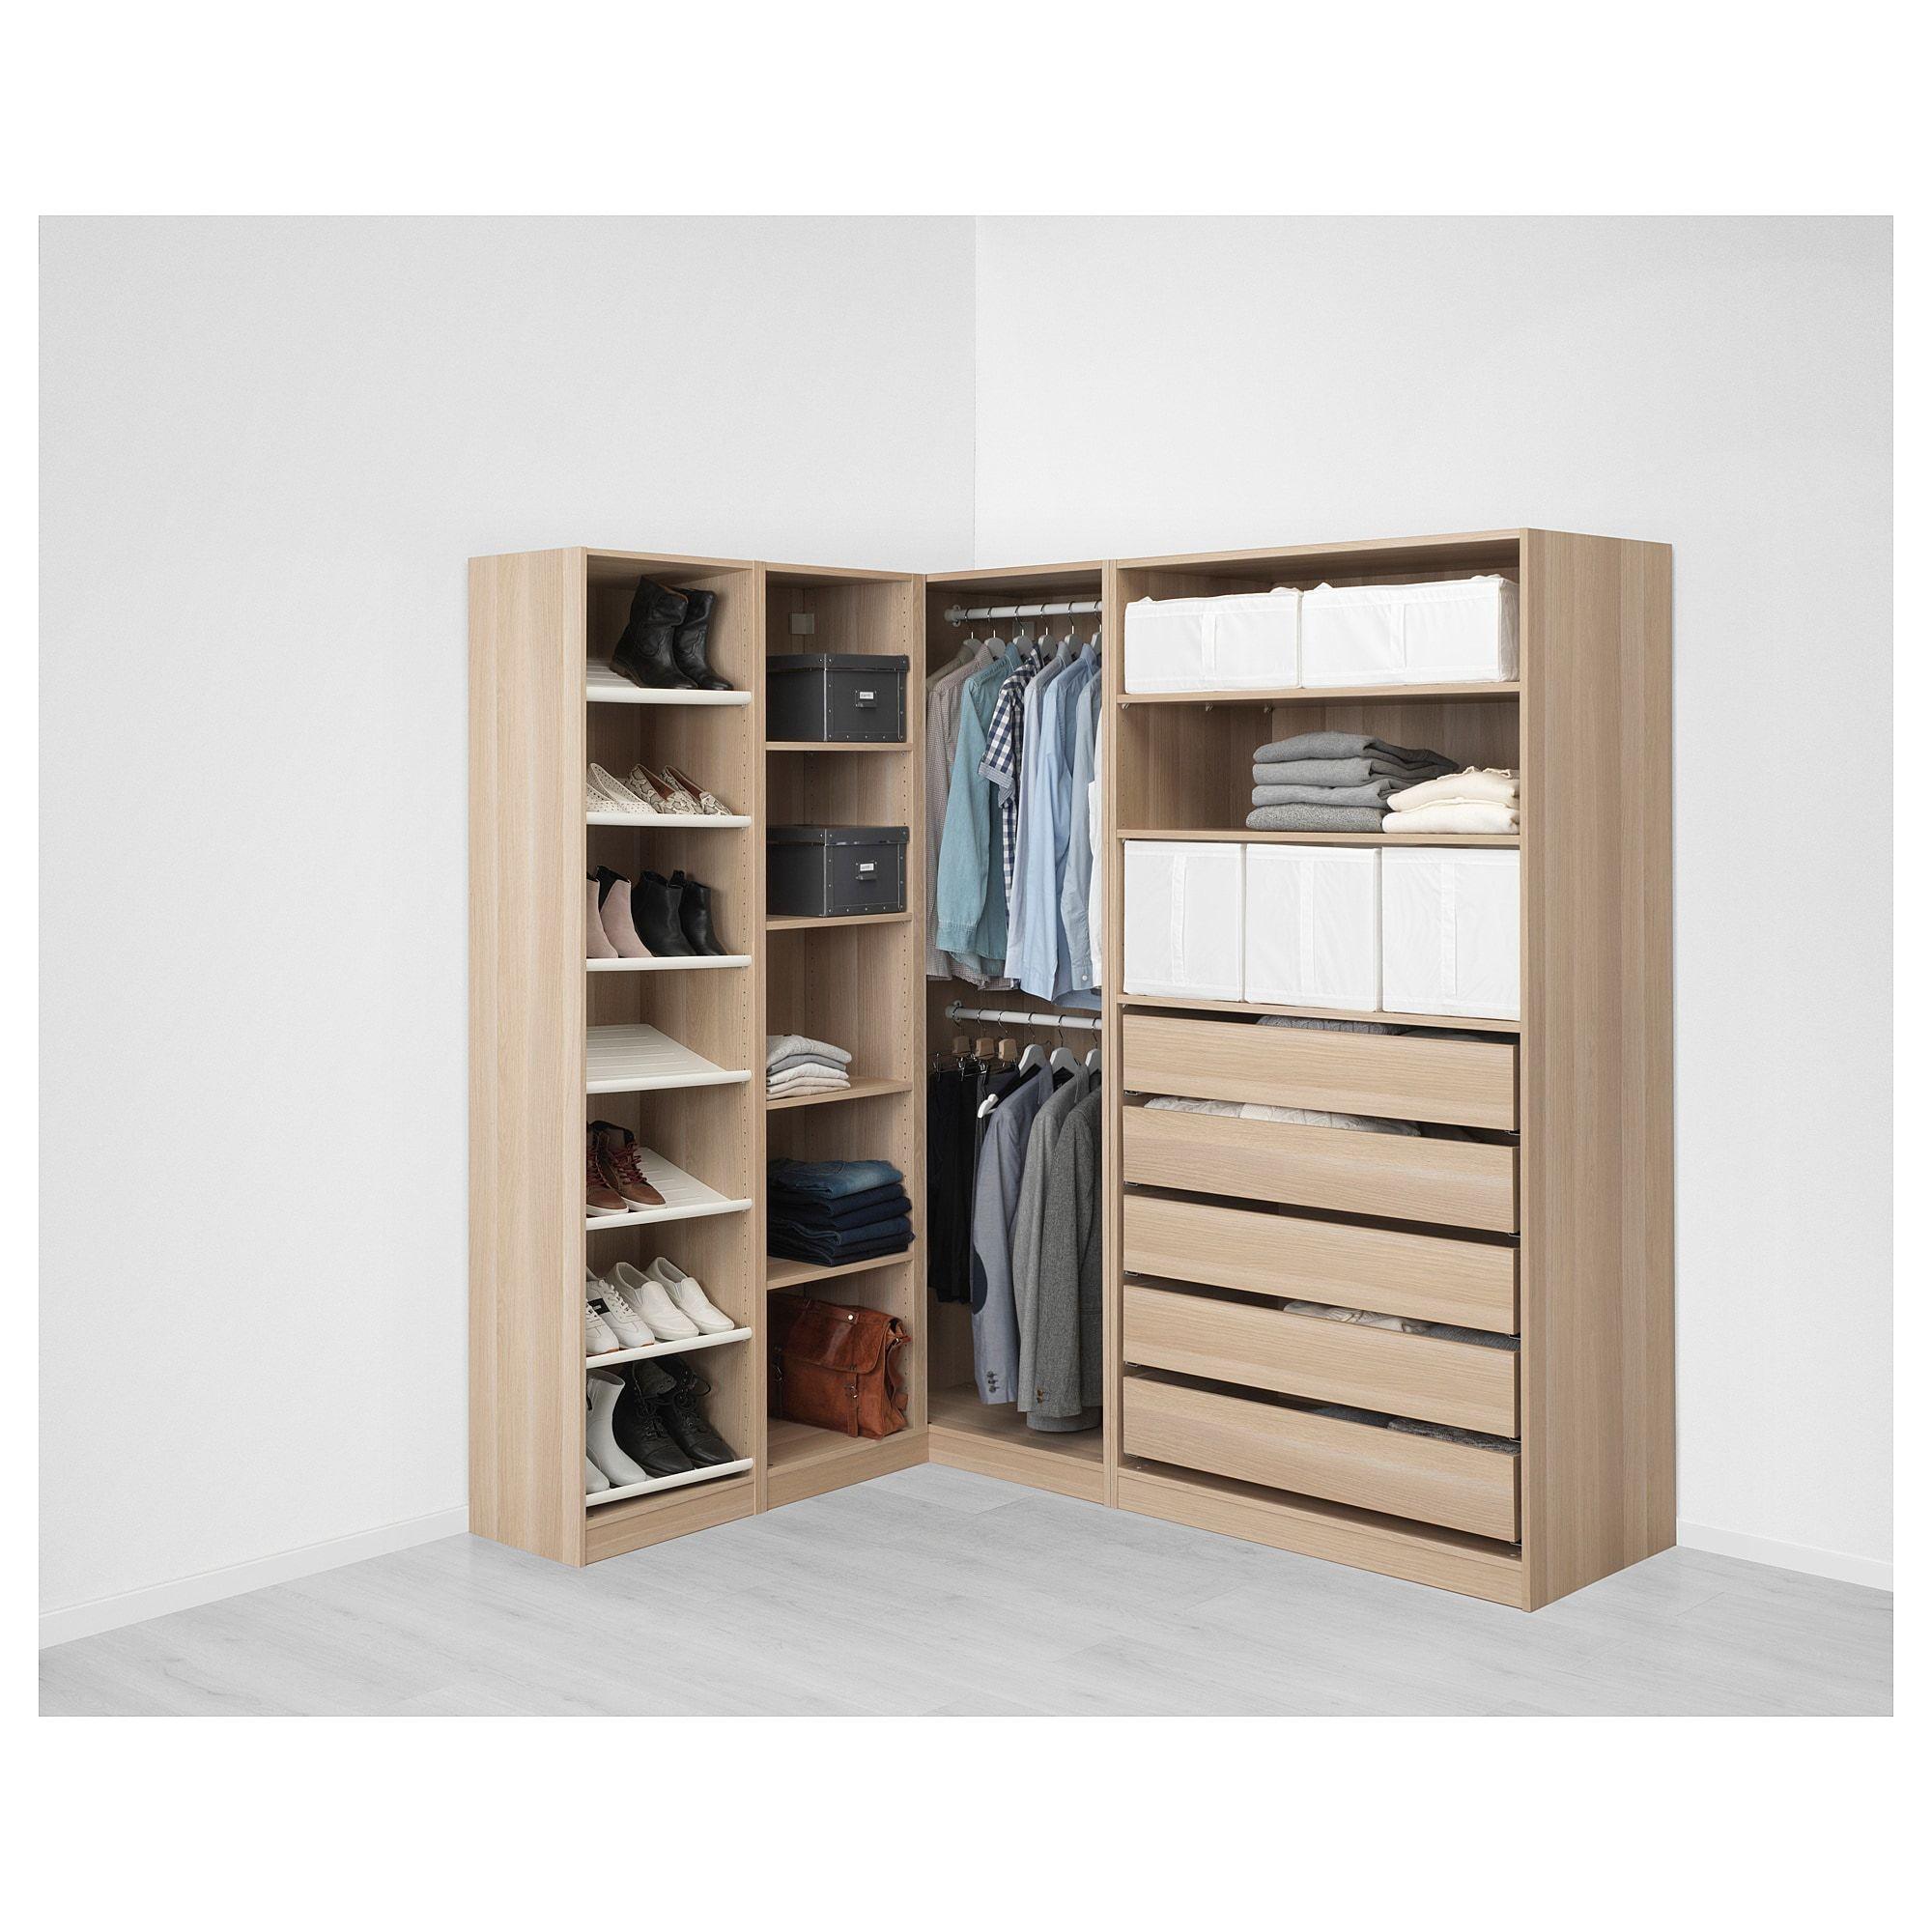 Pax White Stained Oak Effect Corner Wardrobe 160 188x201 Cm Ikea Kleiderschrankaufbewahrung Ikea Kleiderschrank Eckkleiderschrank